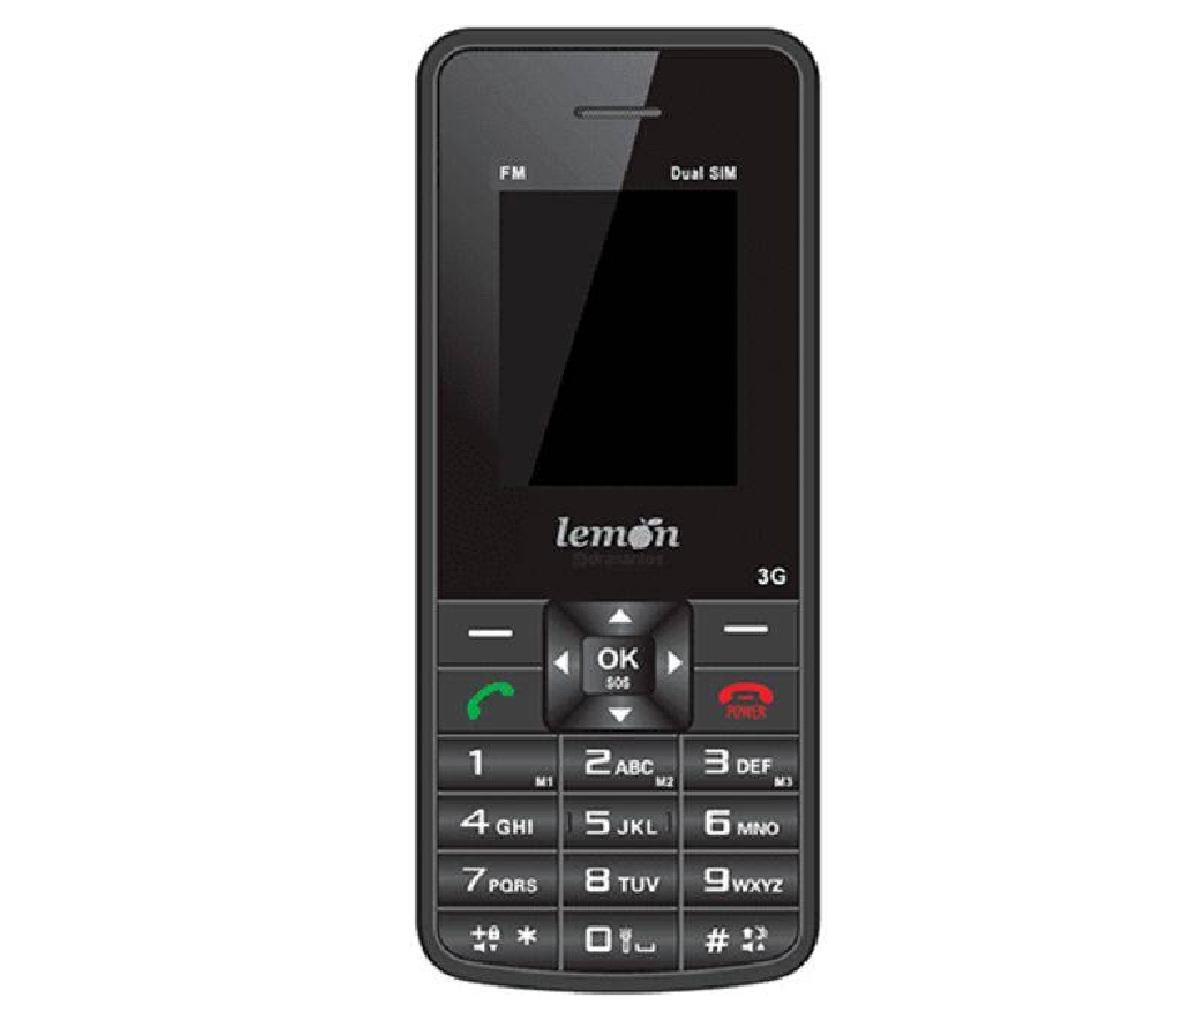 Celular Sensi 3g Com Fm, Antena Rural, Sos Para Idoso - Lemon